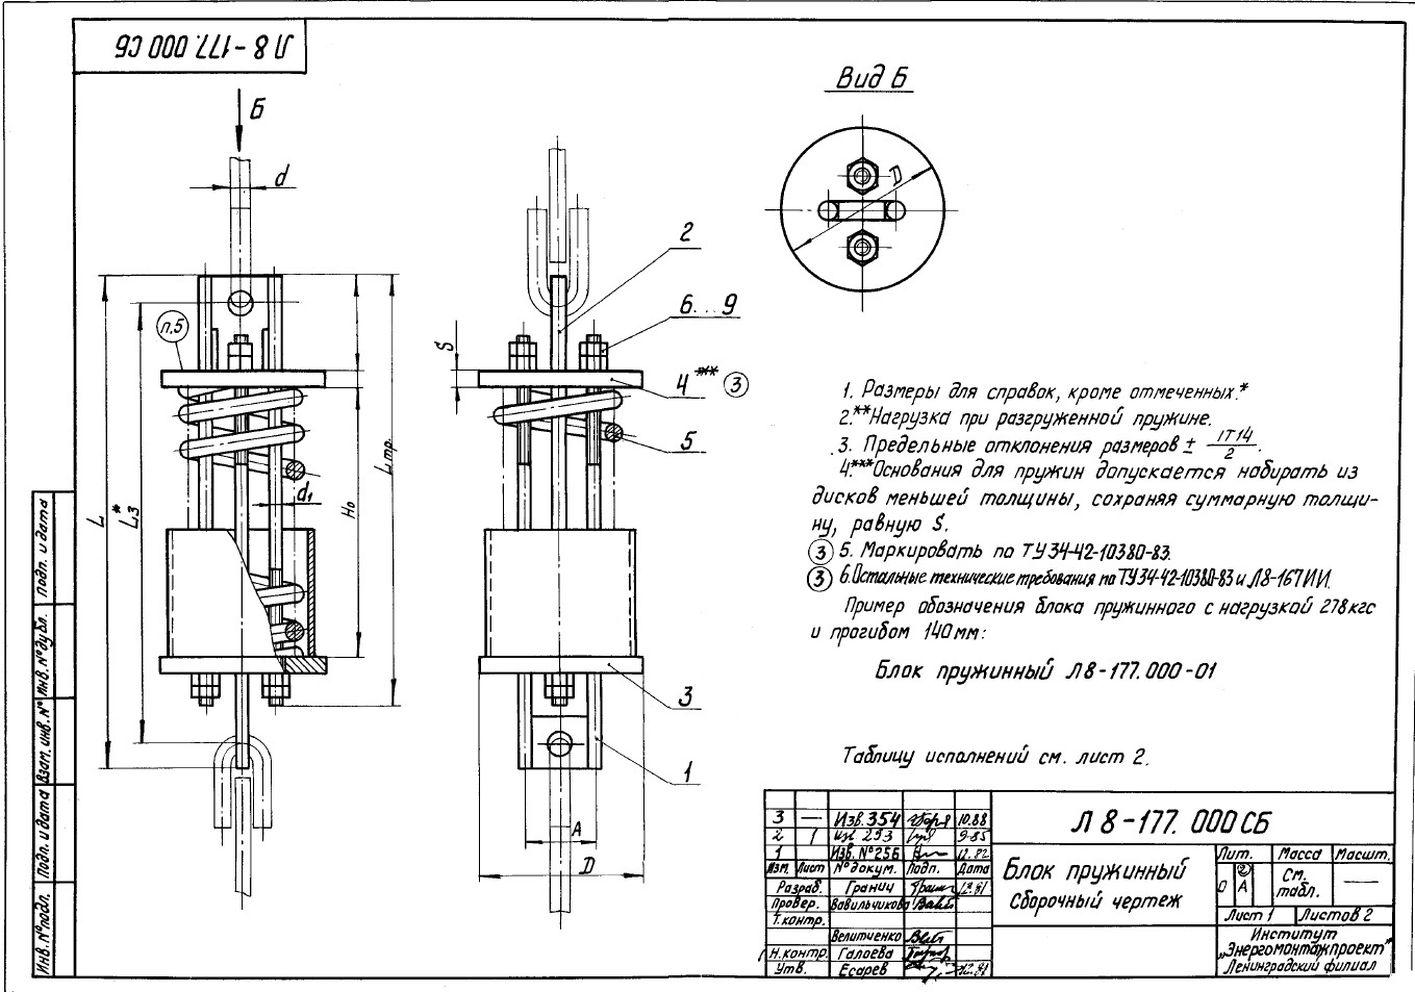 Блок пружинный Л8-177.000 стр.1